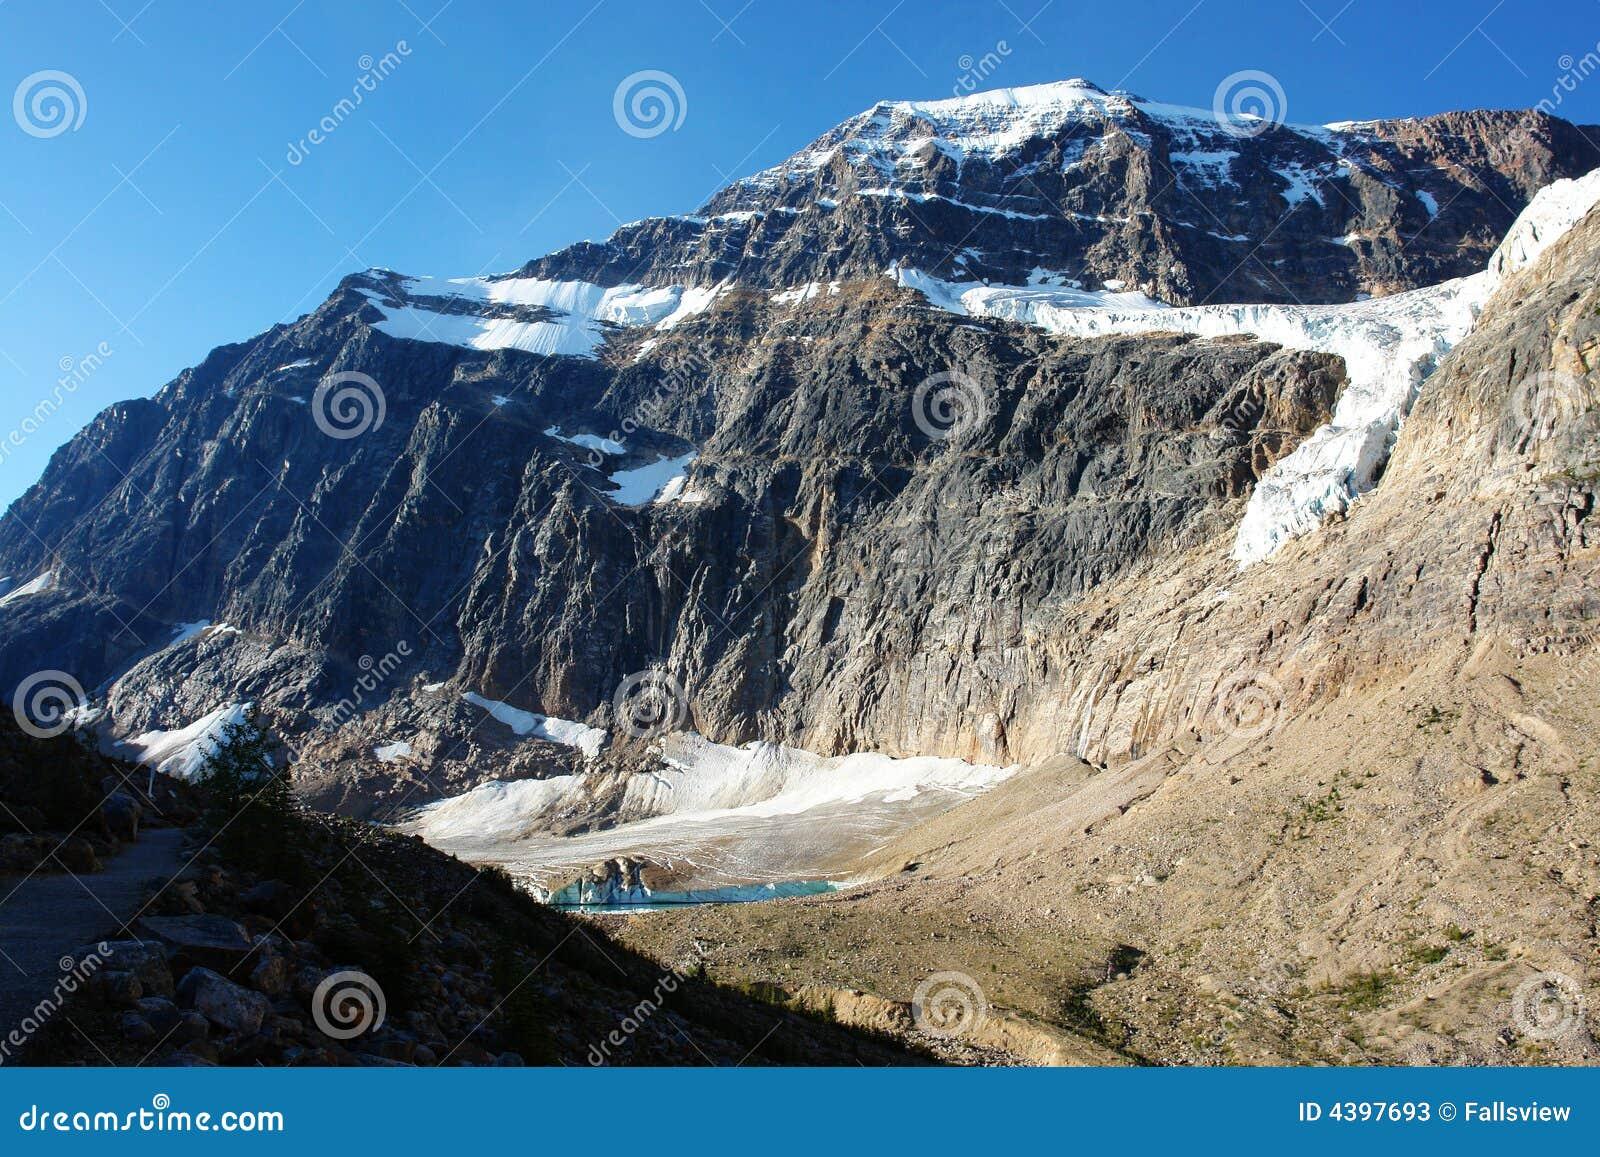 Glacier in mount edith